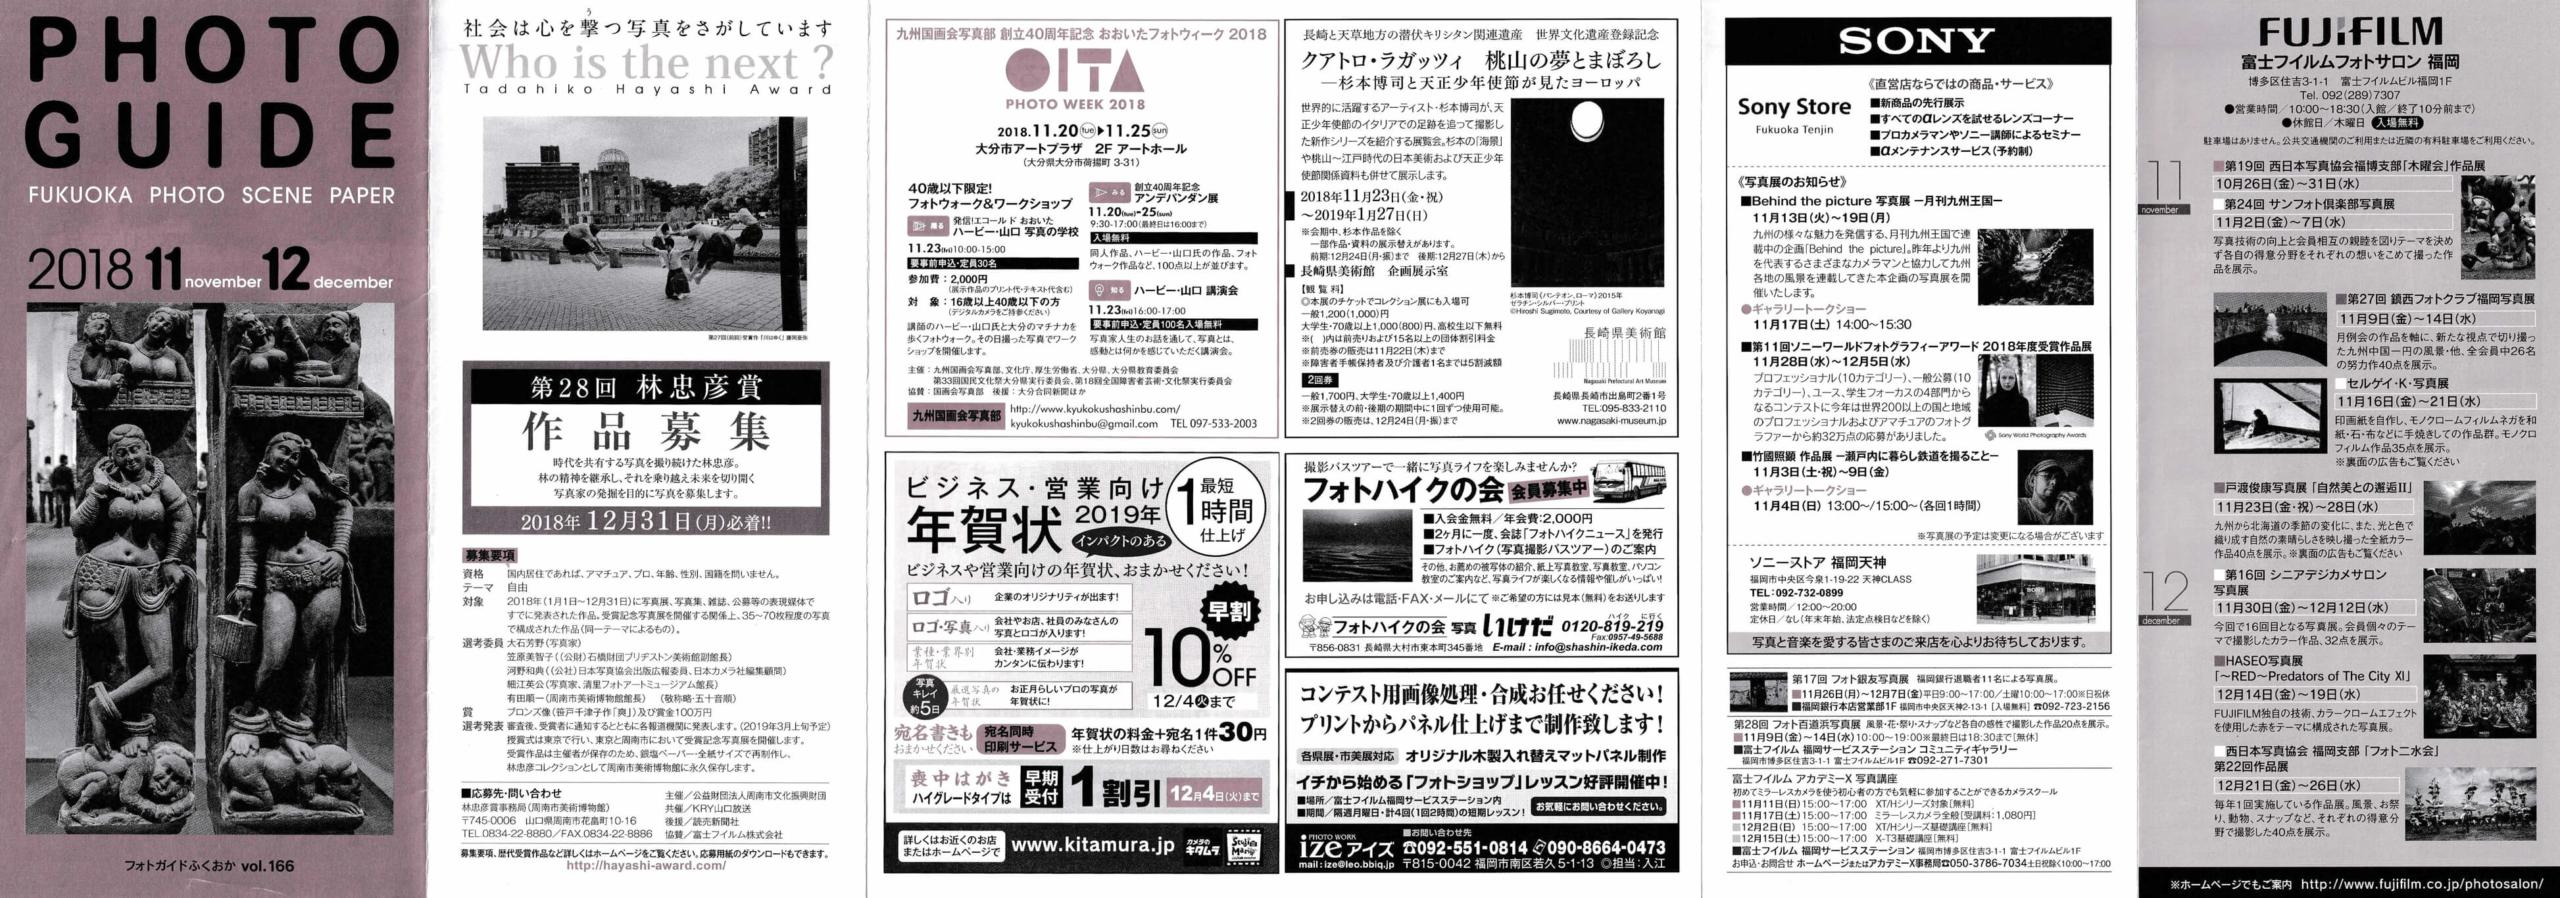 フォトガイドふくおか|アーカイブ|vol166